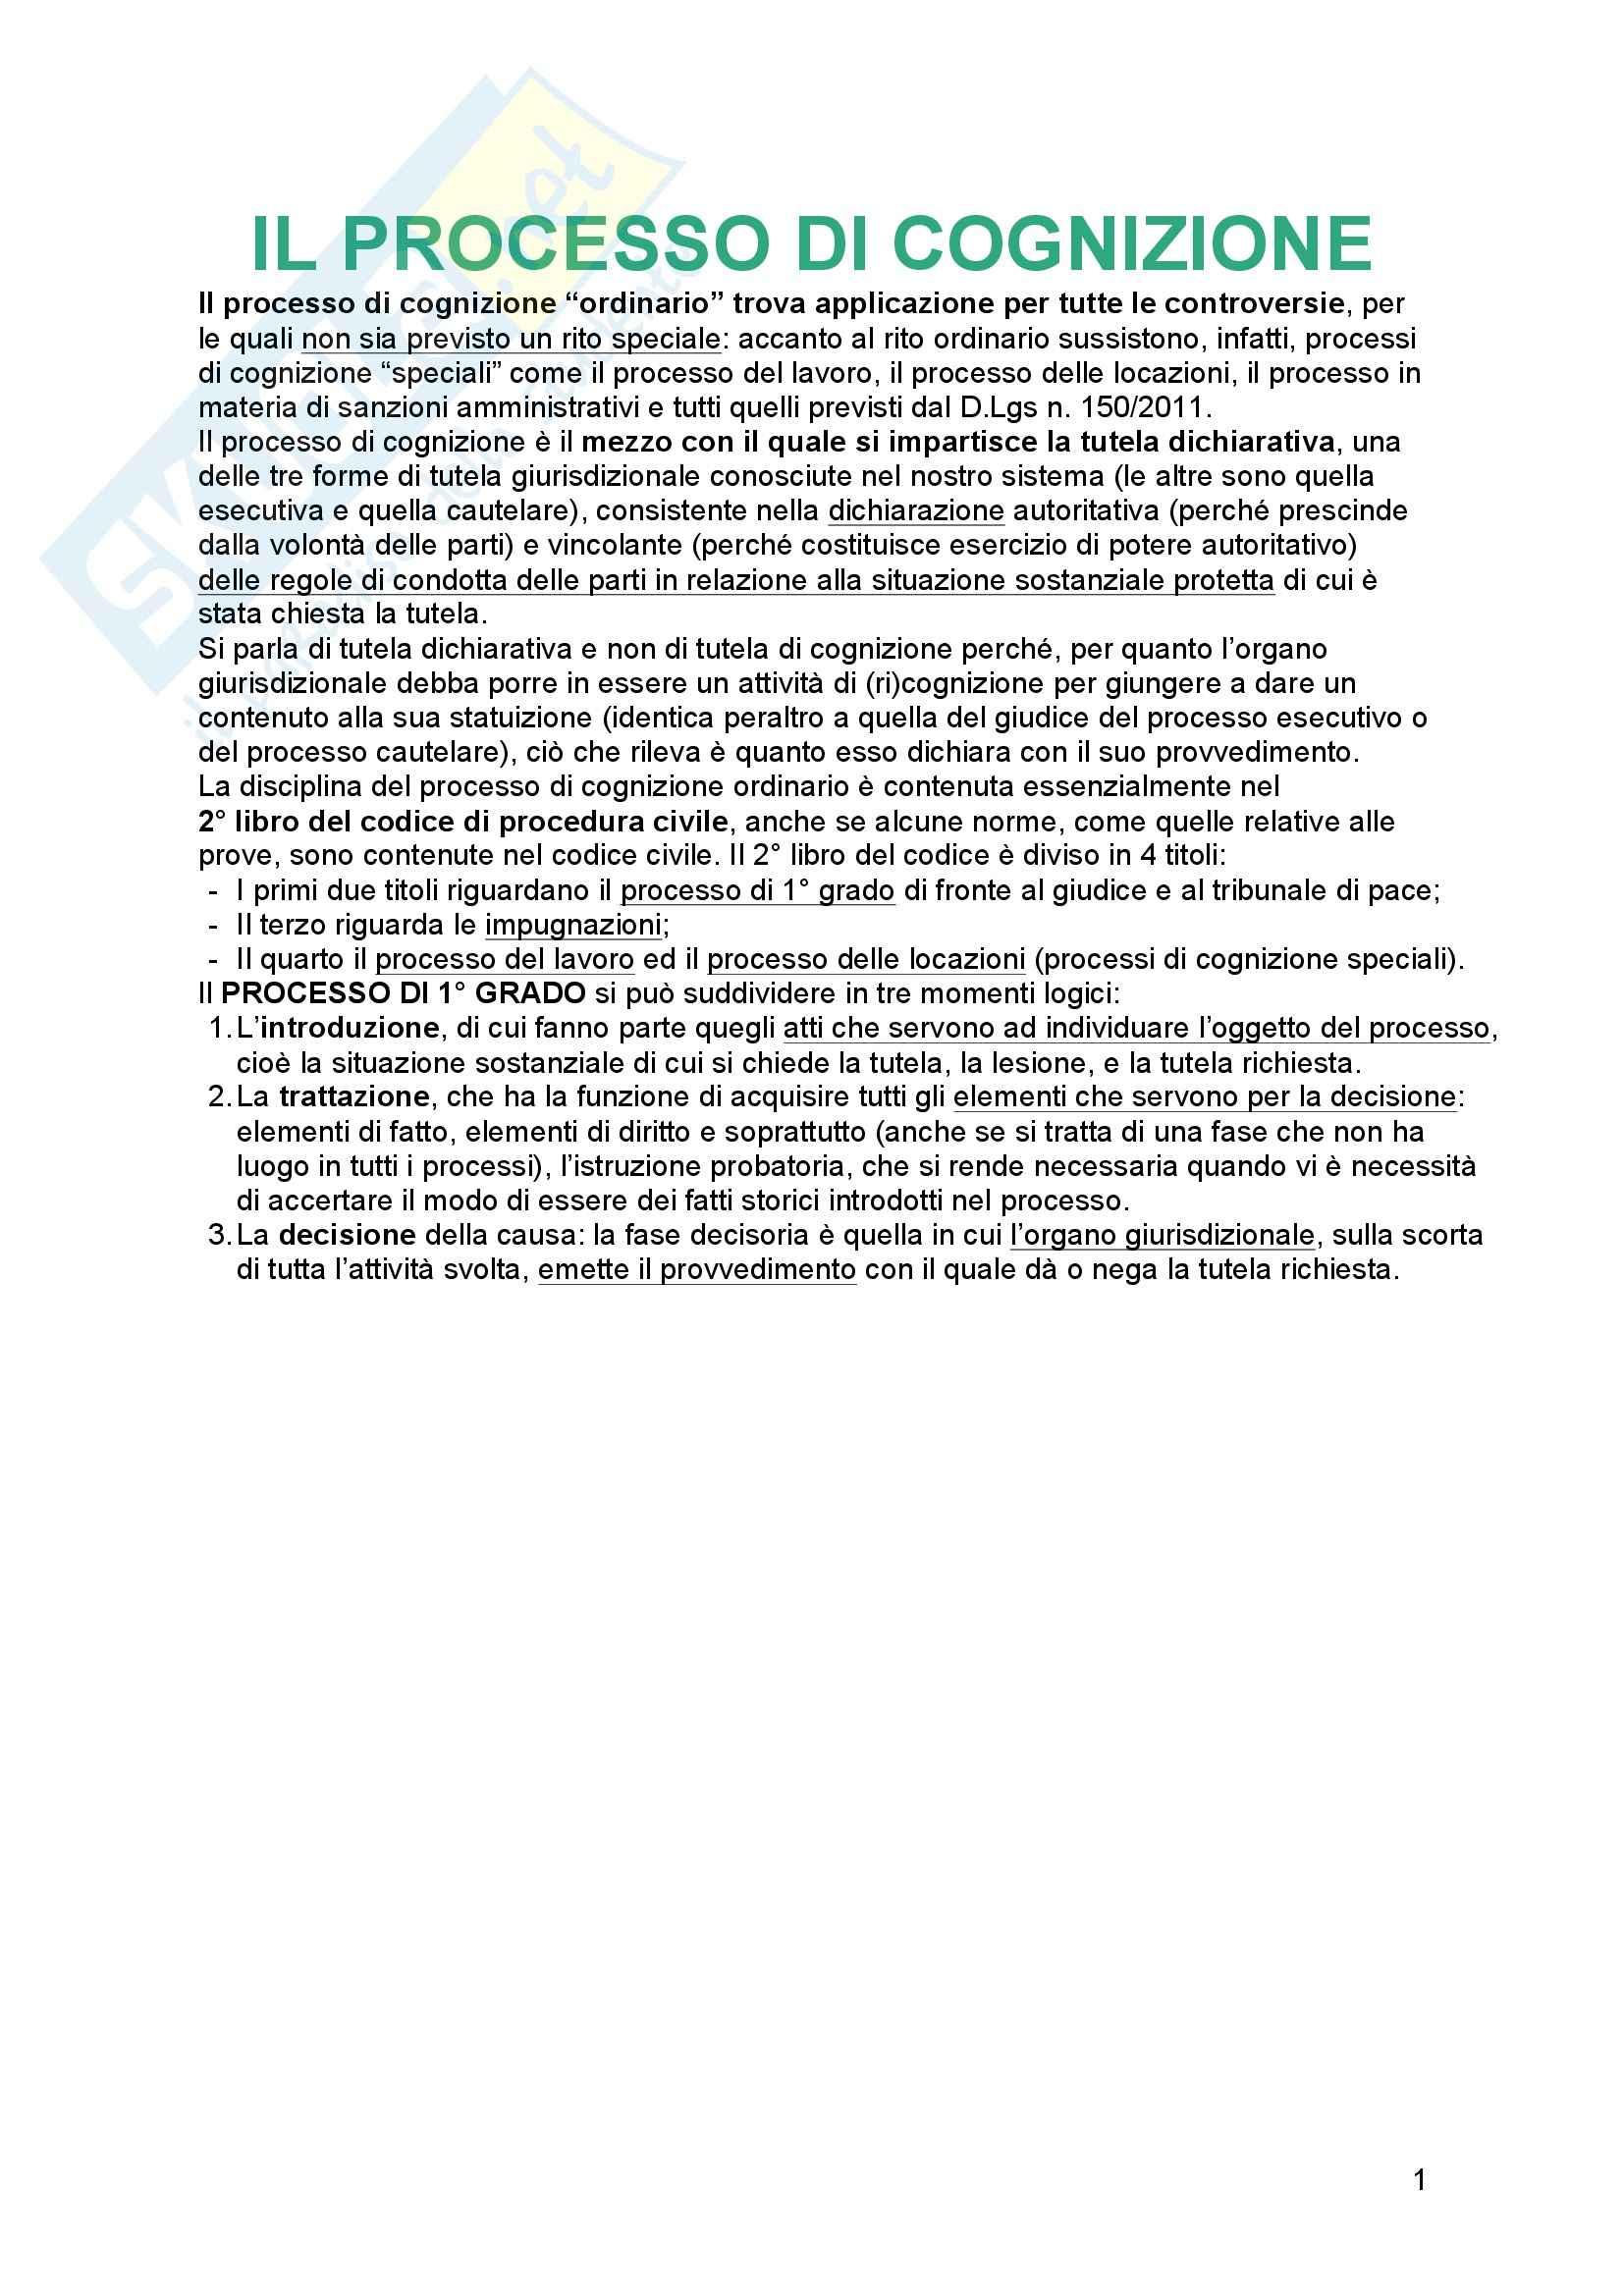 Riassunto esame Diritto processuale Civile, prof. Tedoldi, Il processo di cognizione, Vol. 2, Luiso